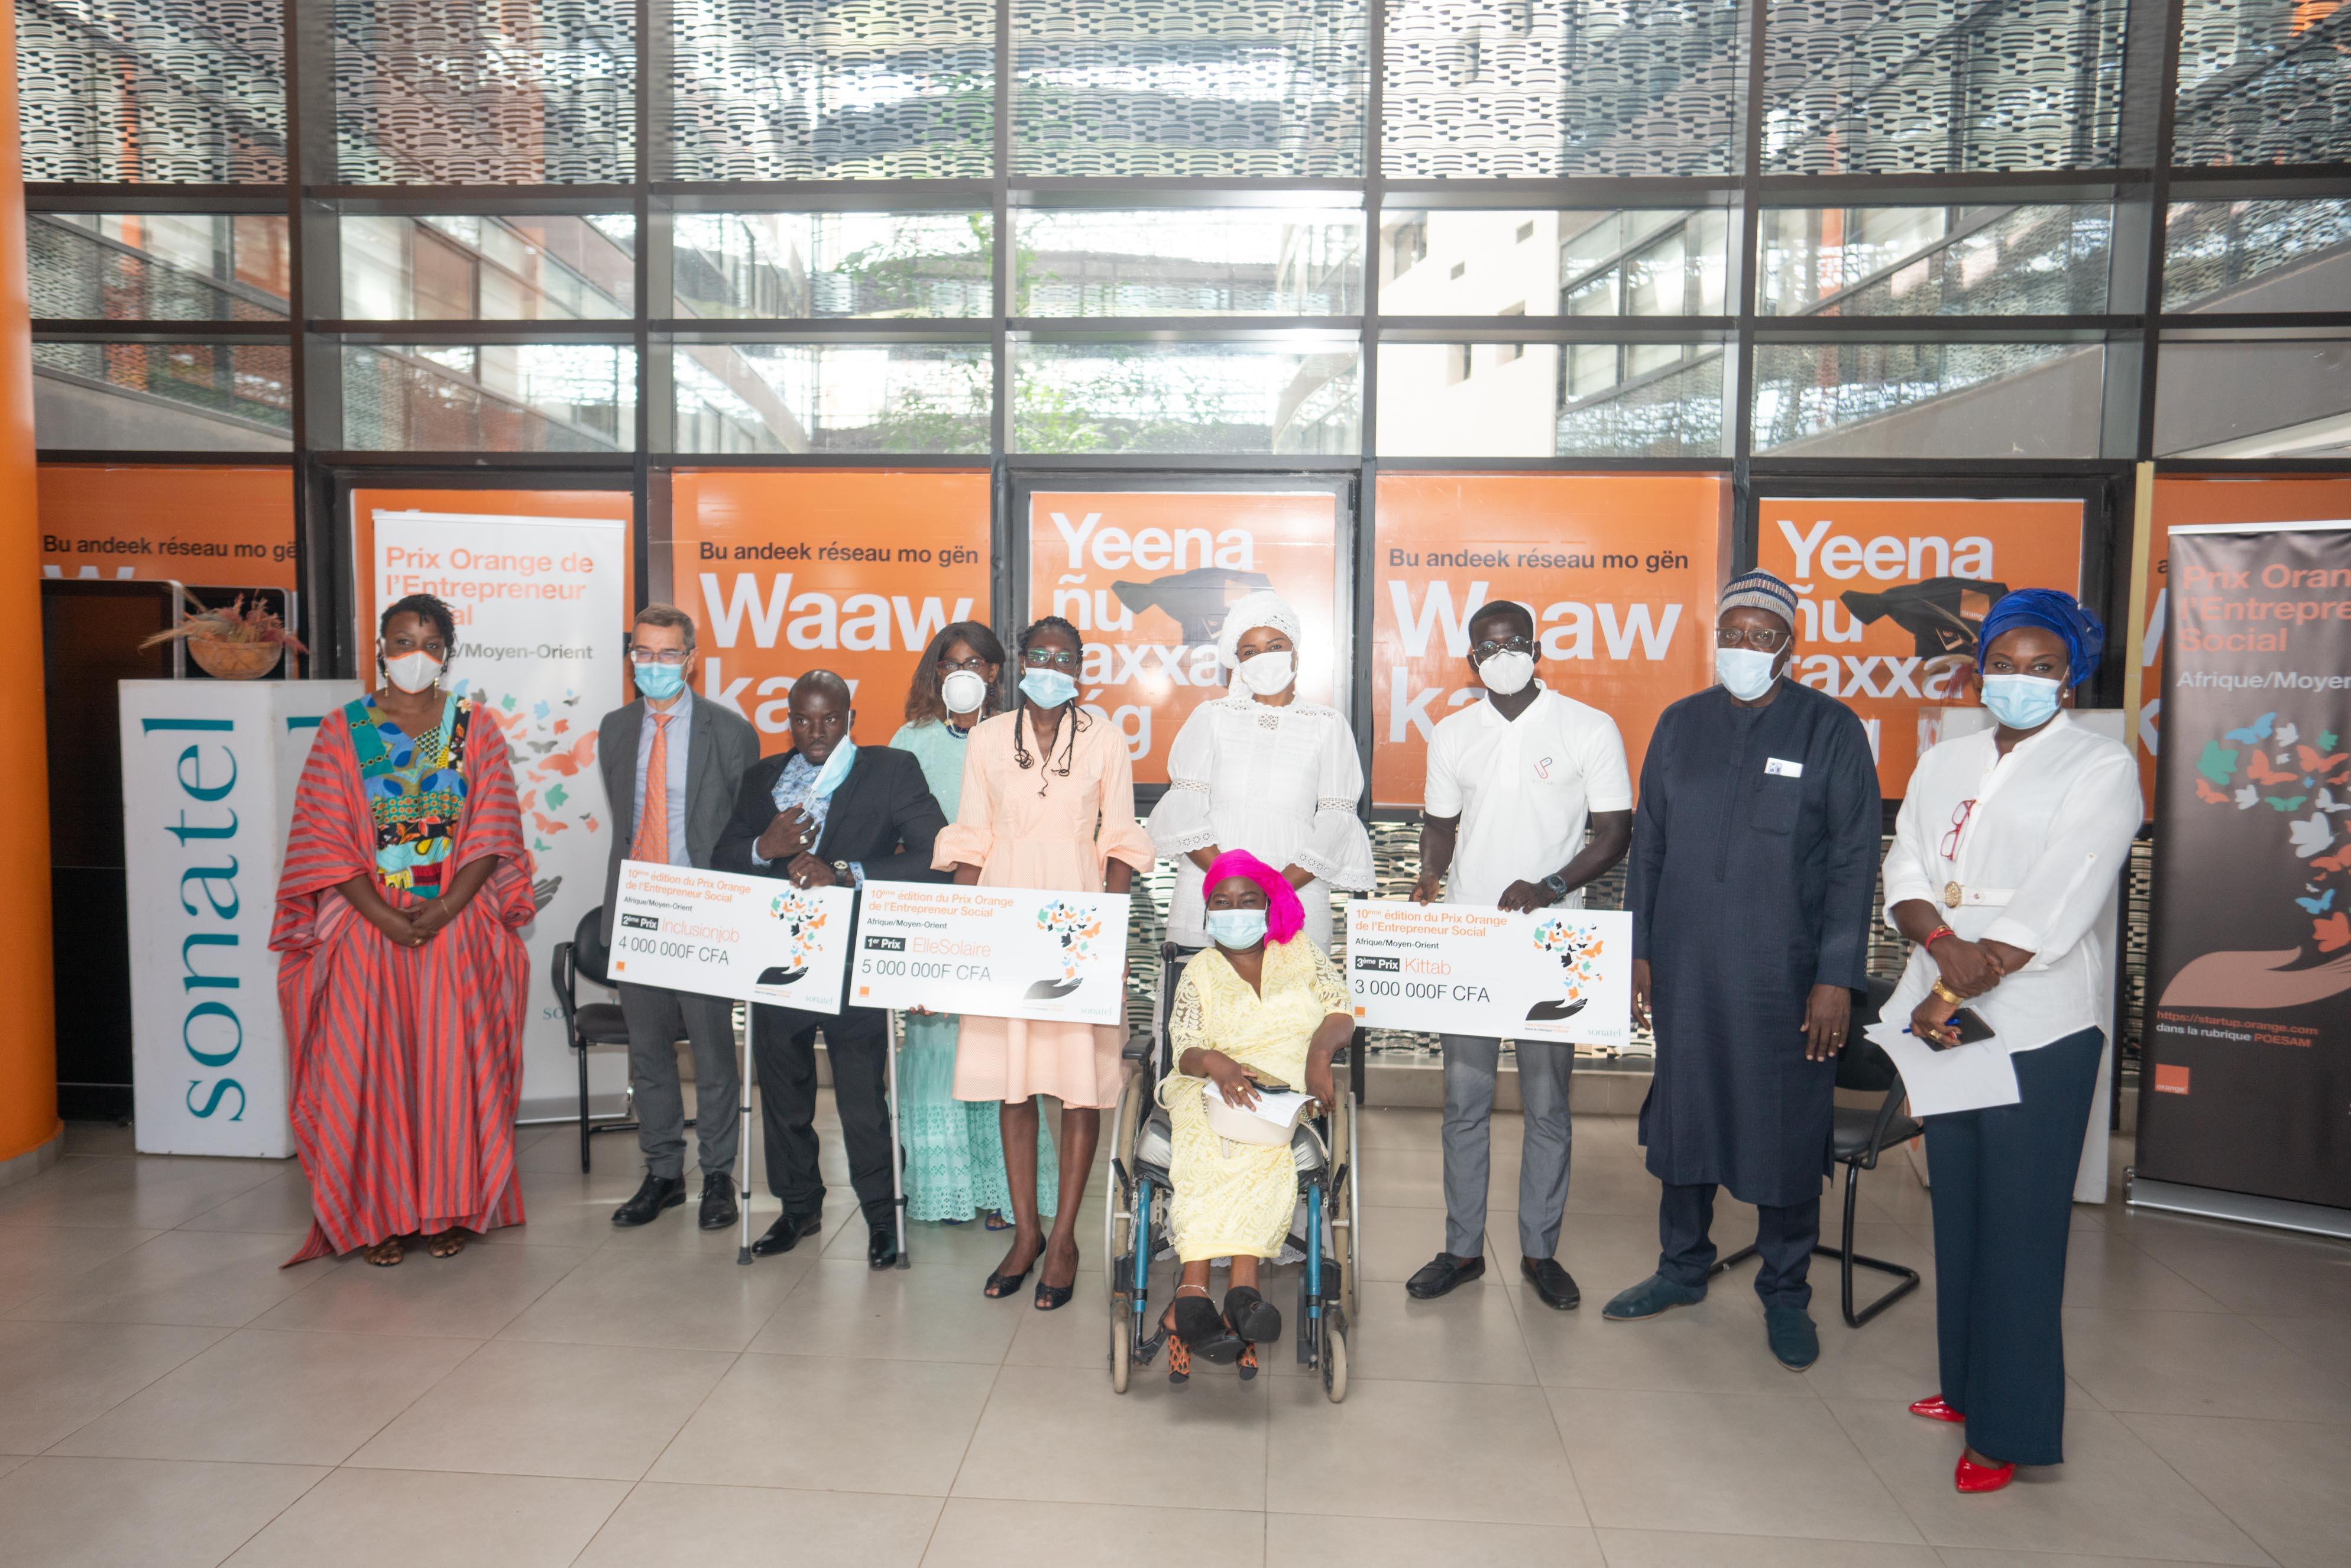 10ème édition du Prix Orange de l'Entrepreneur Social : les 3 lauréats 2020 connus